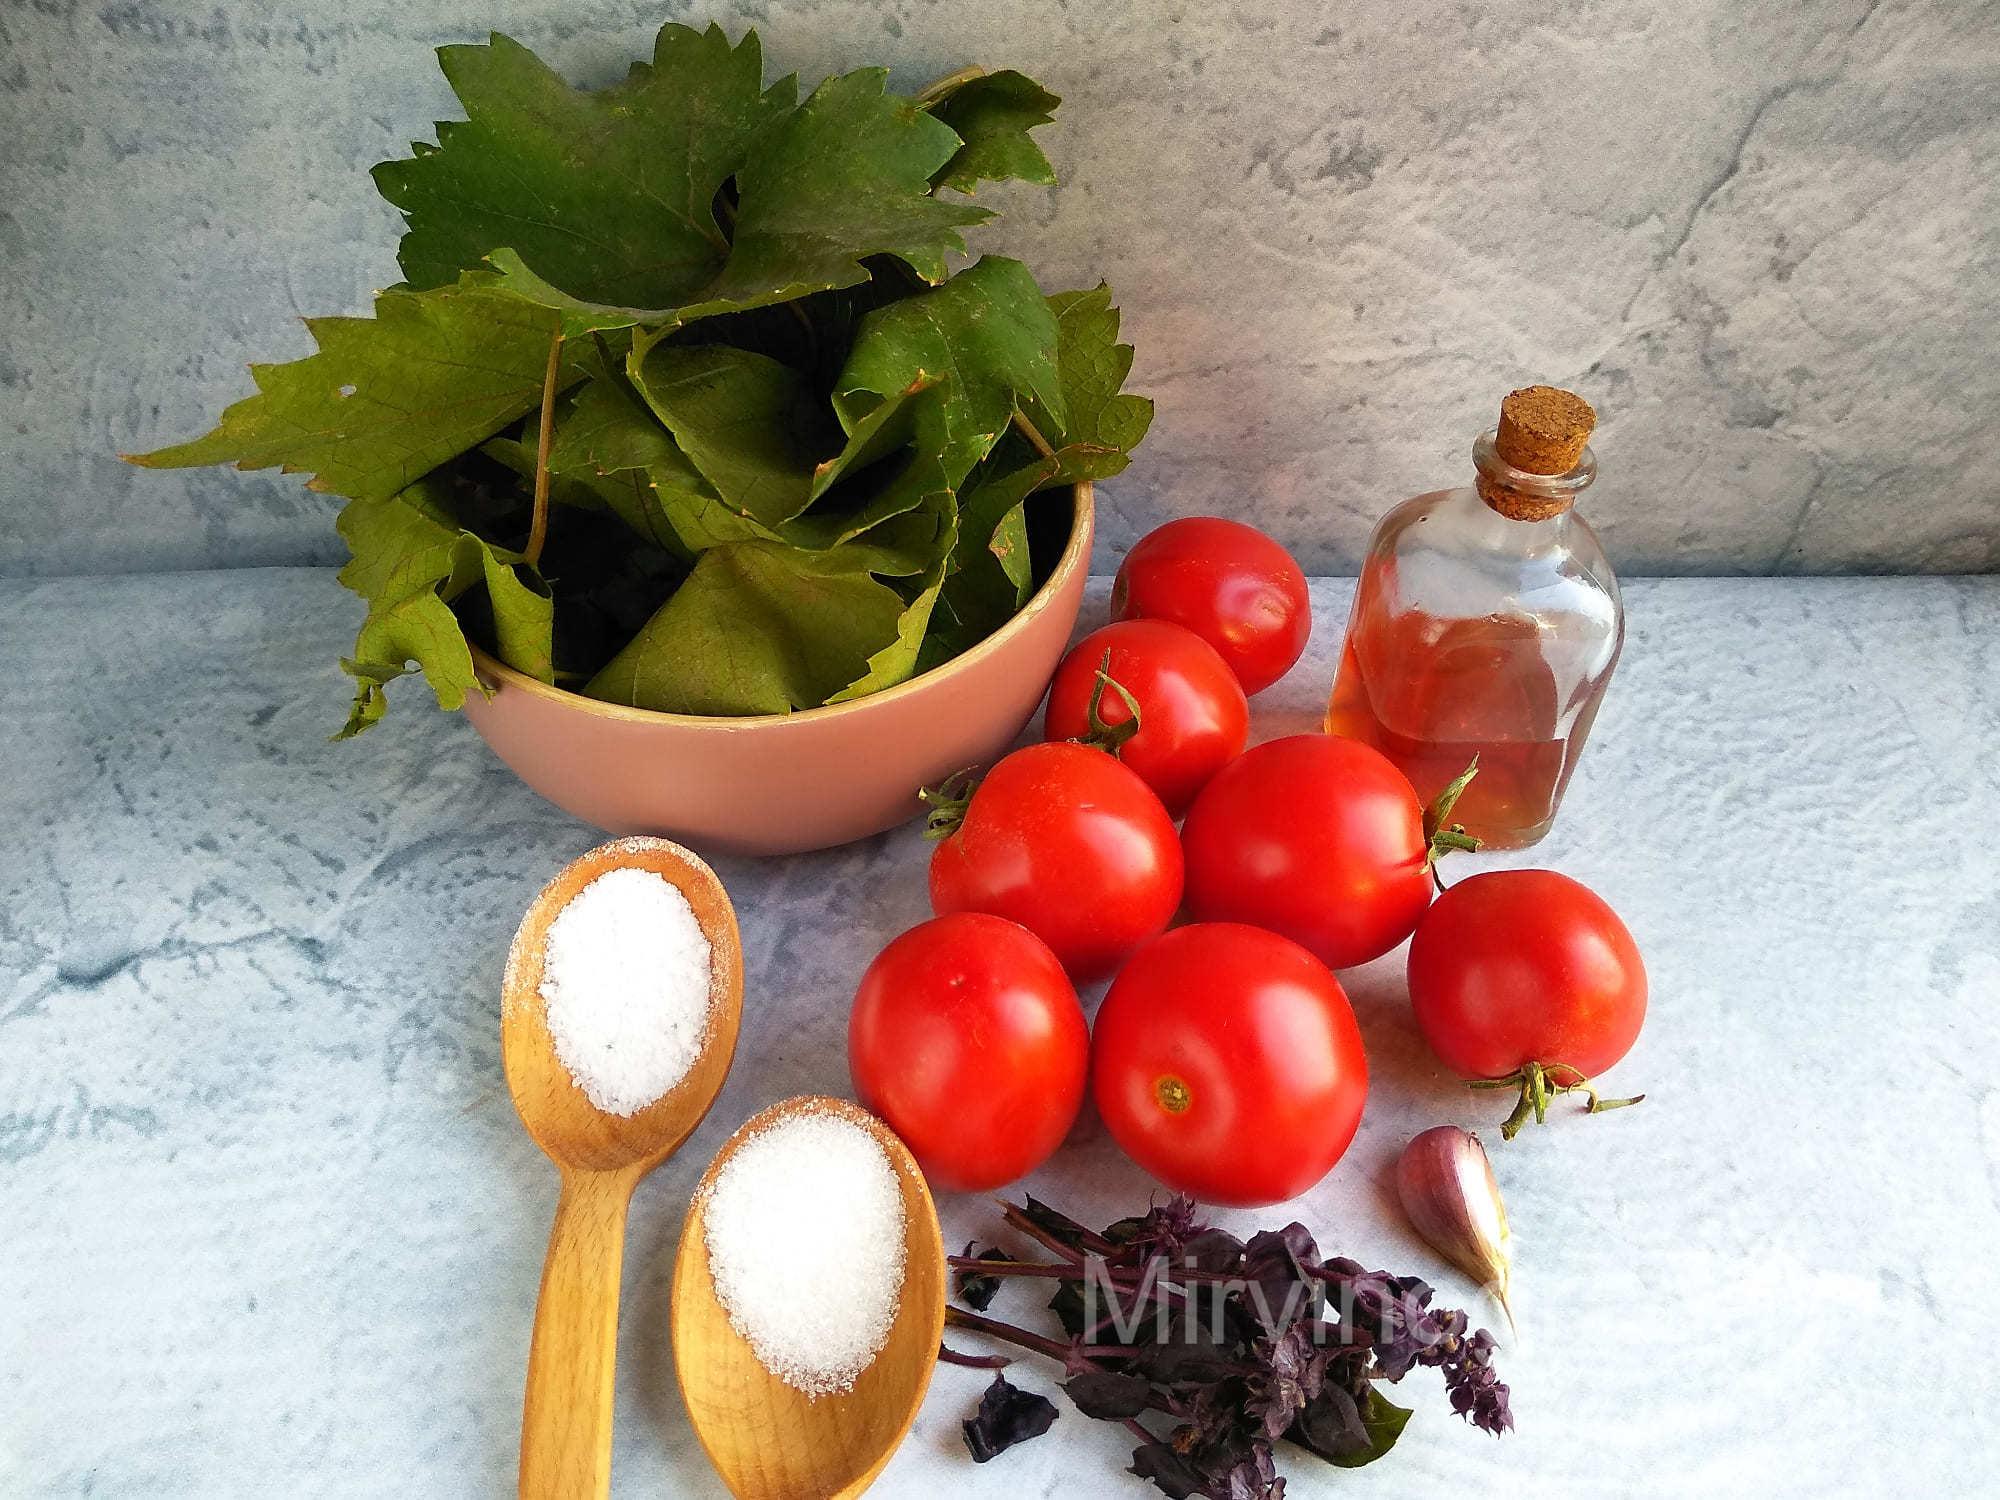 готовим помидоры в листьях виограда на зиму